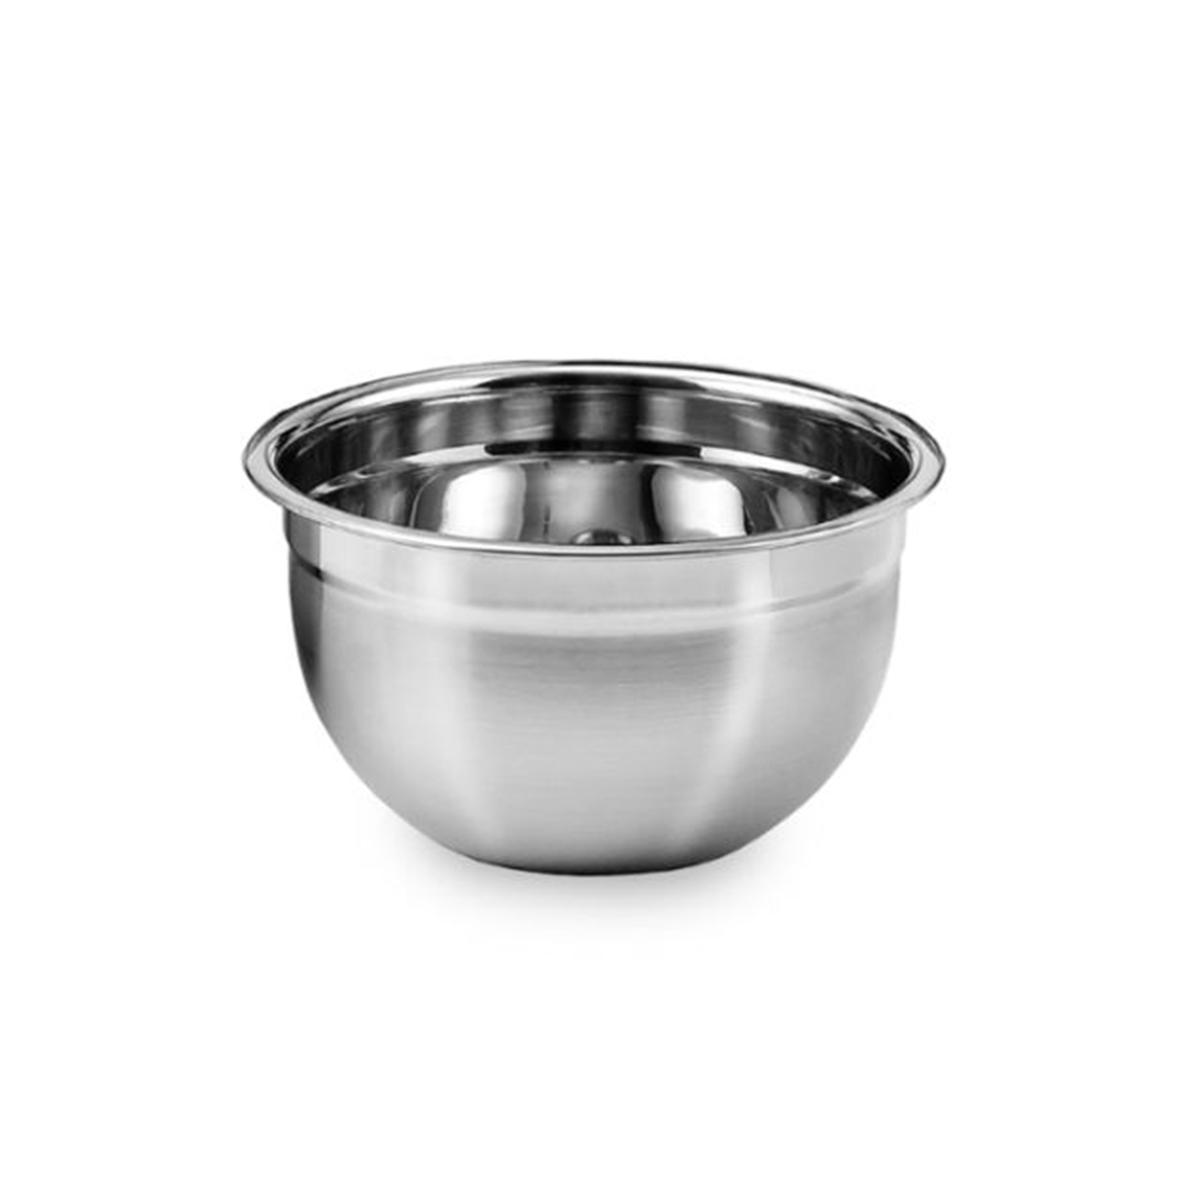 4 Tigelas Mixing Bowl em aço Inox 22 Cm Ke Home 3116-22-4